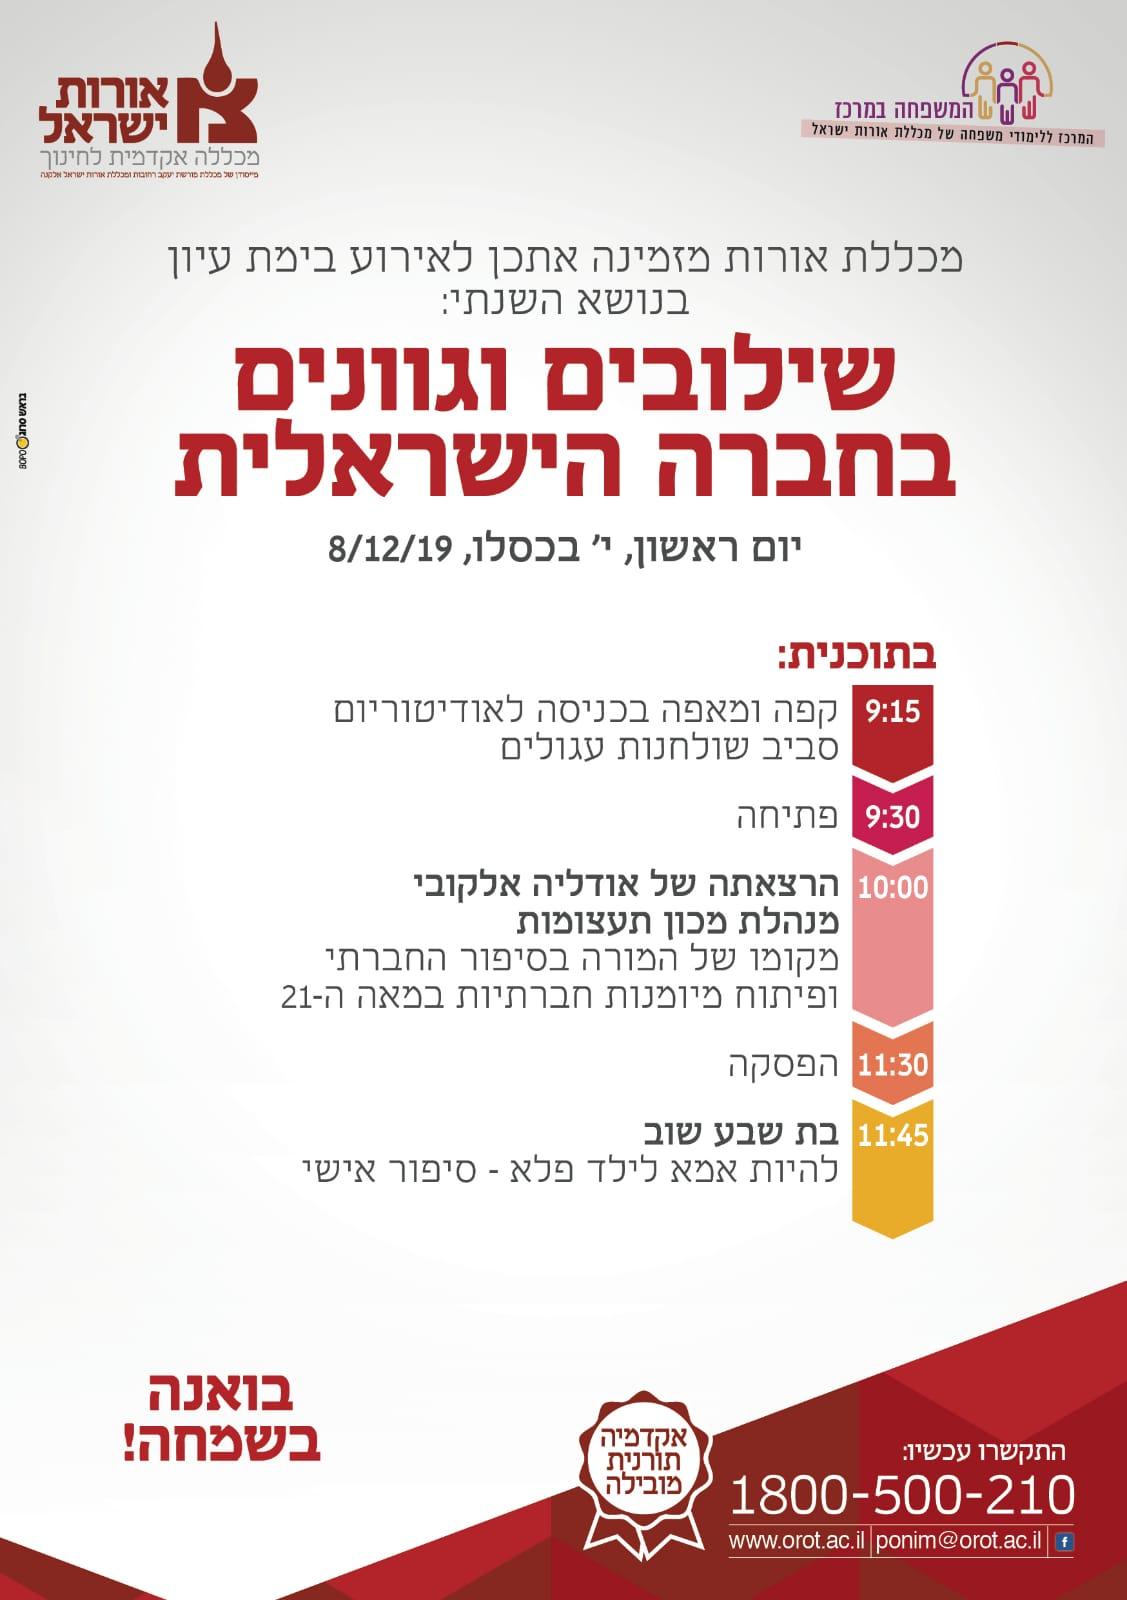 שילובים וגוונים בחברה הישראלית בימת עיון